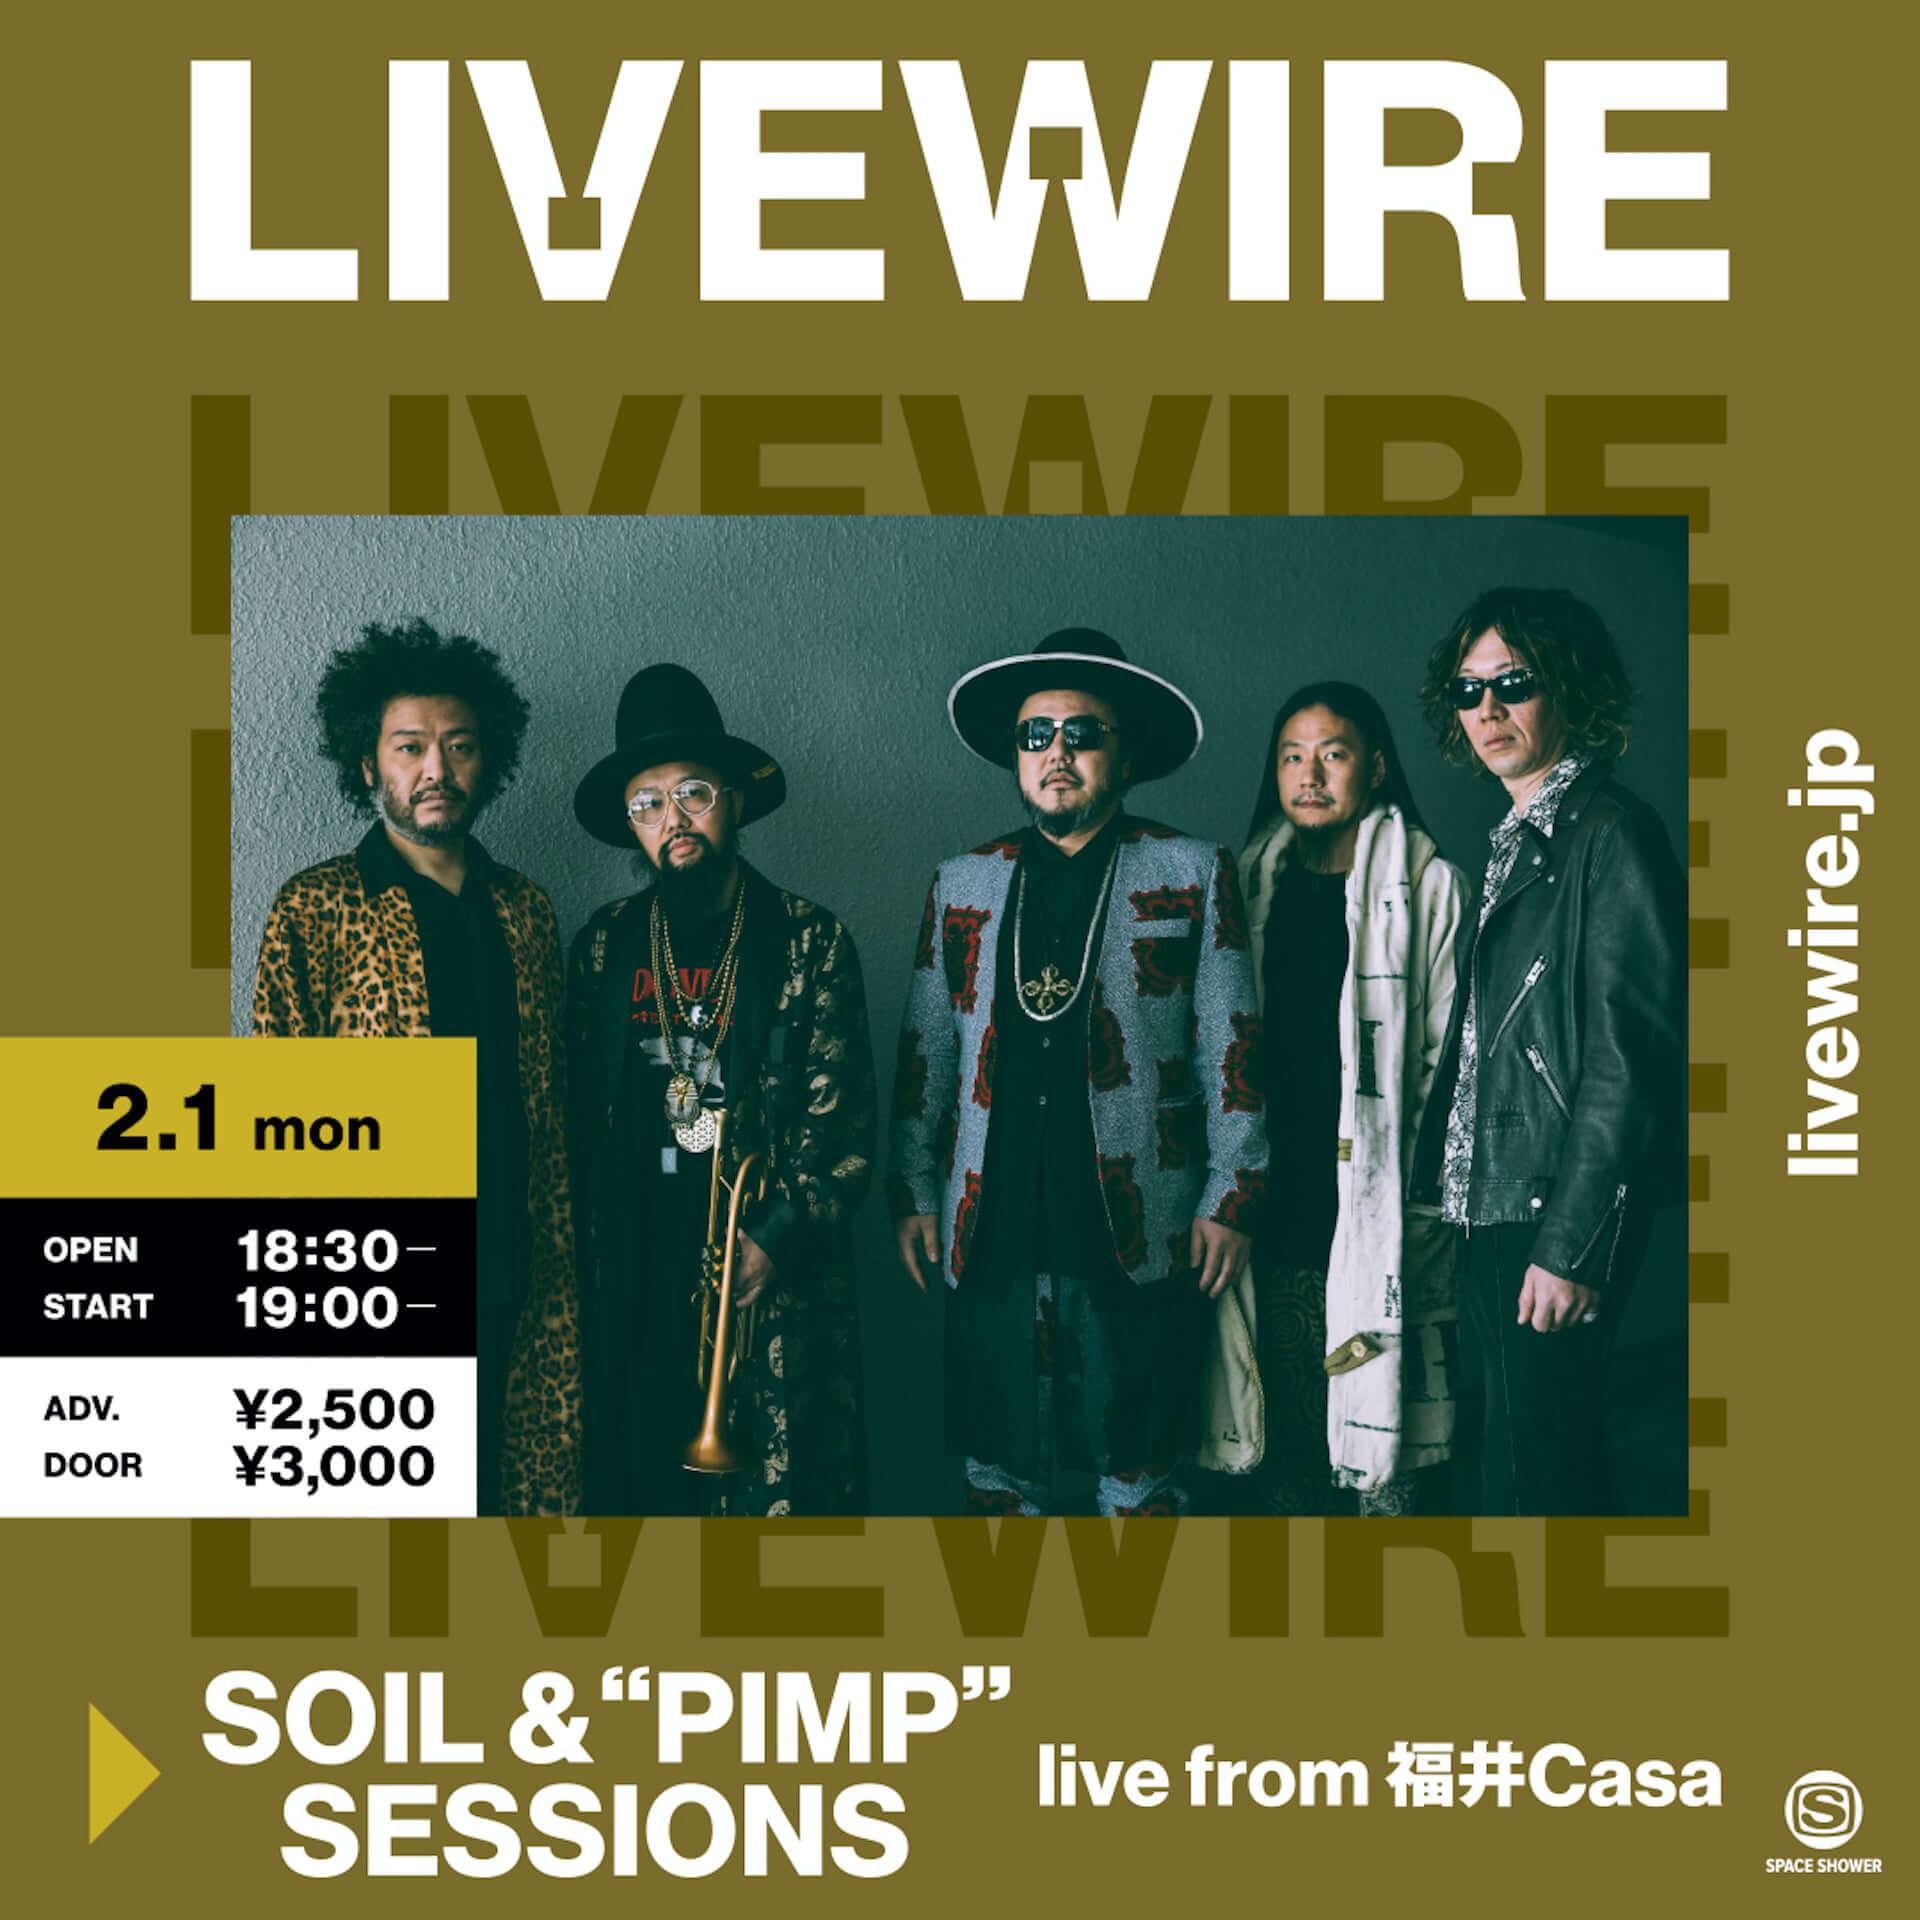 """SOIL&""""PIMP""""SESSIONSのスペシャルライブが「LIVEWIRE」にて開催決定!社長の地元・福井から生配信 music210129_soilandpimpsessions_2-1920x1920"""